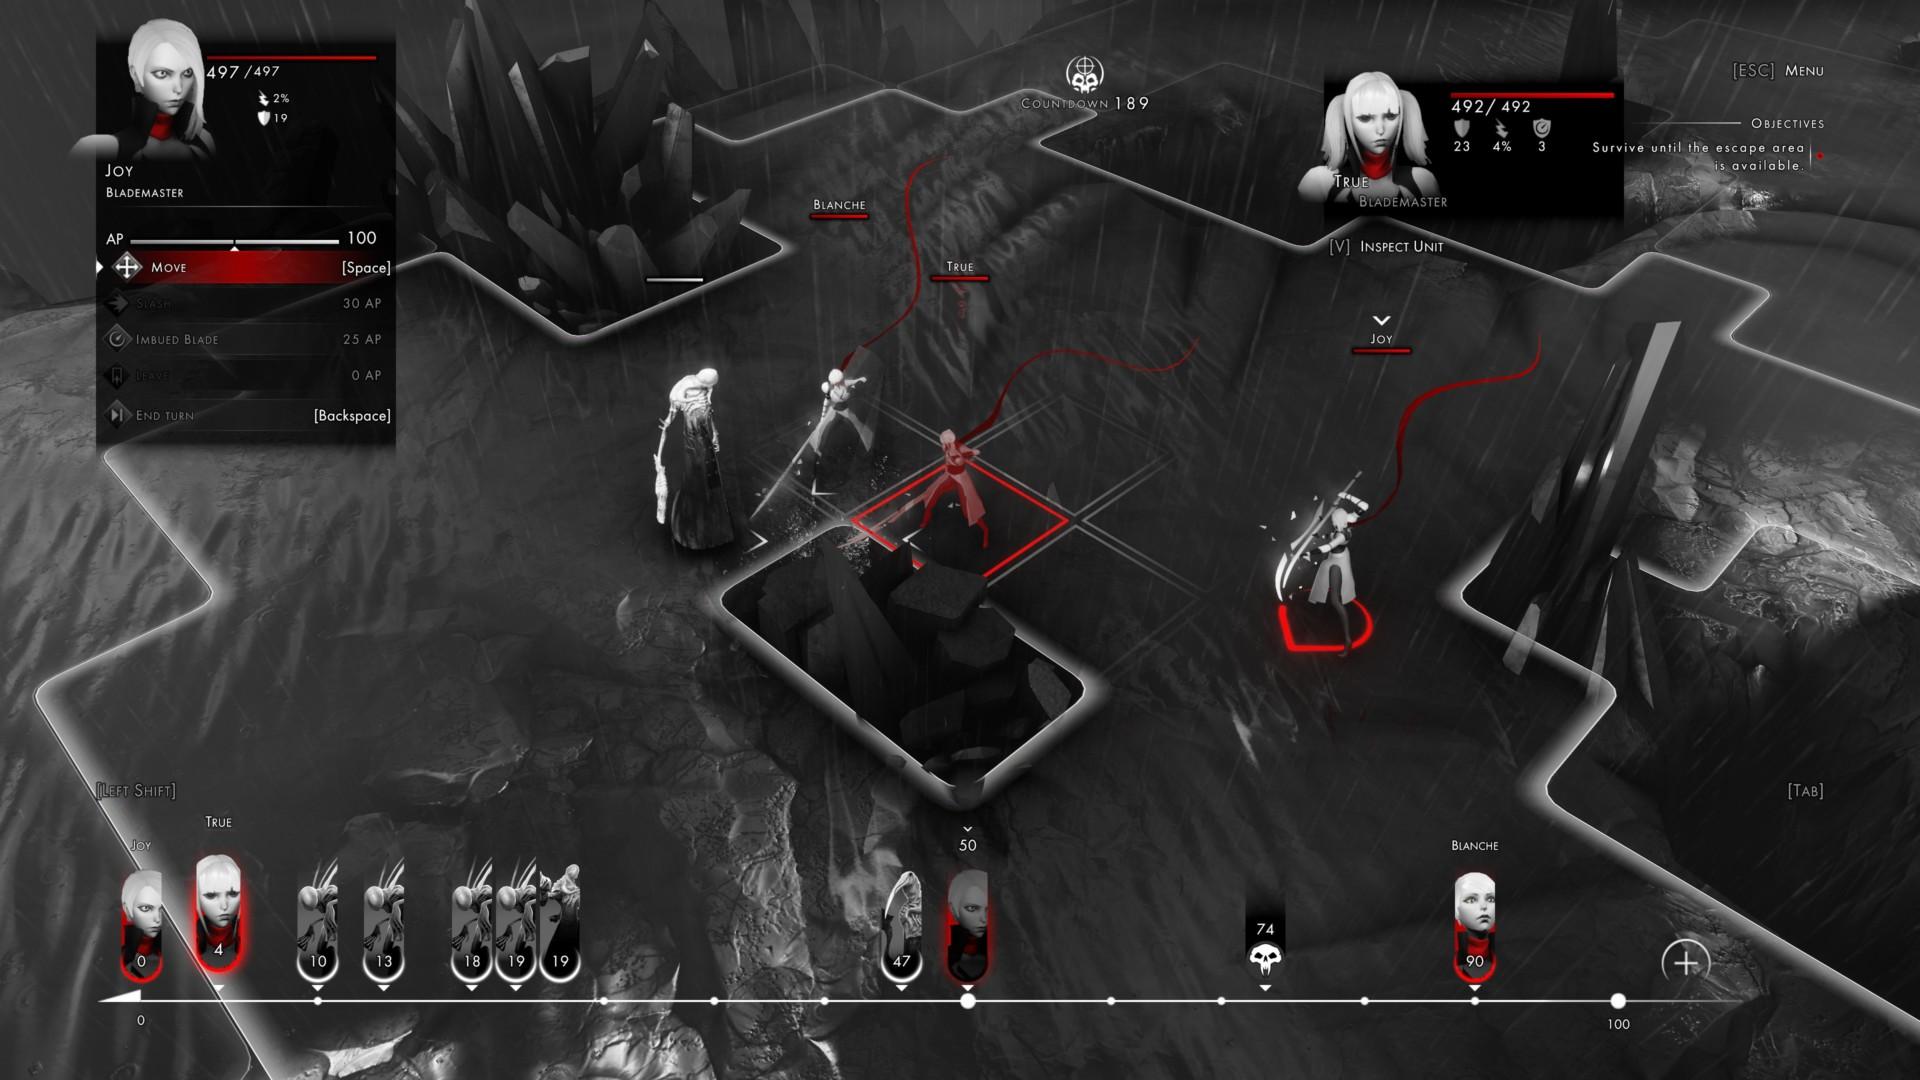 Fortnite Player Tracker